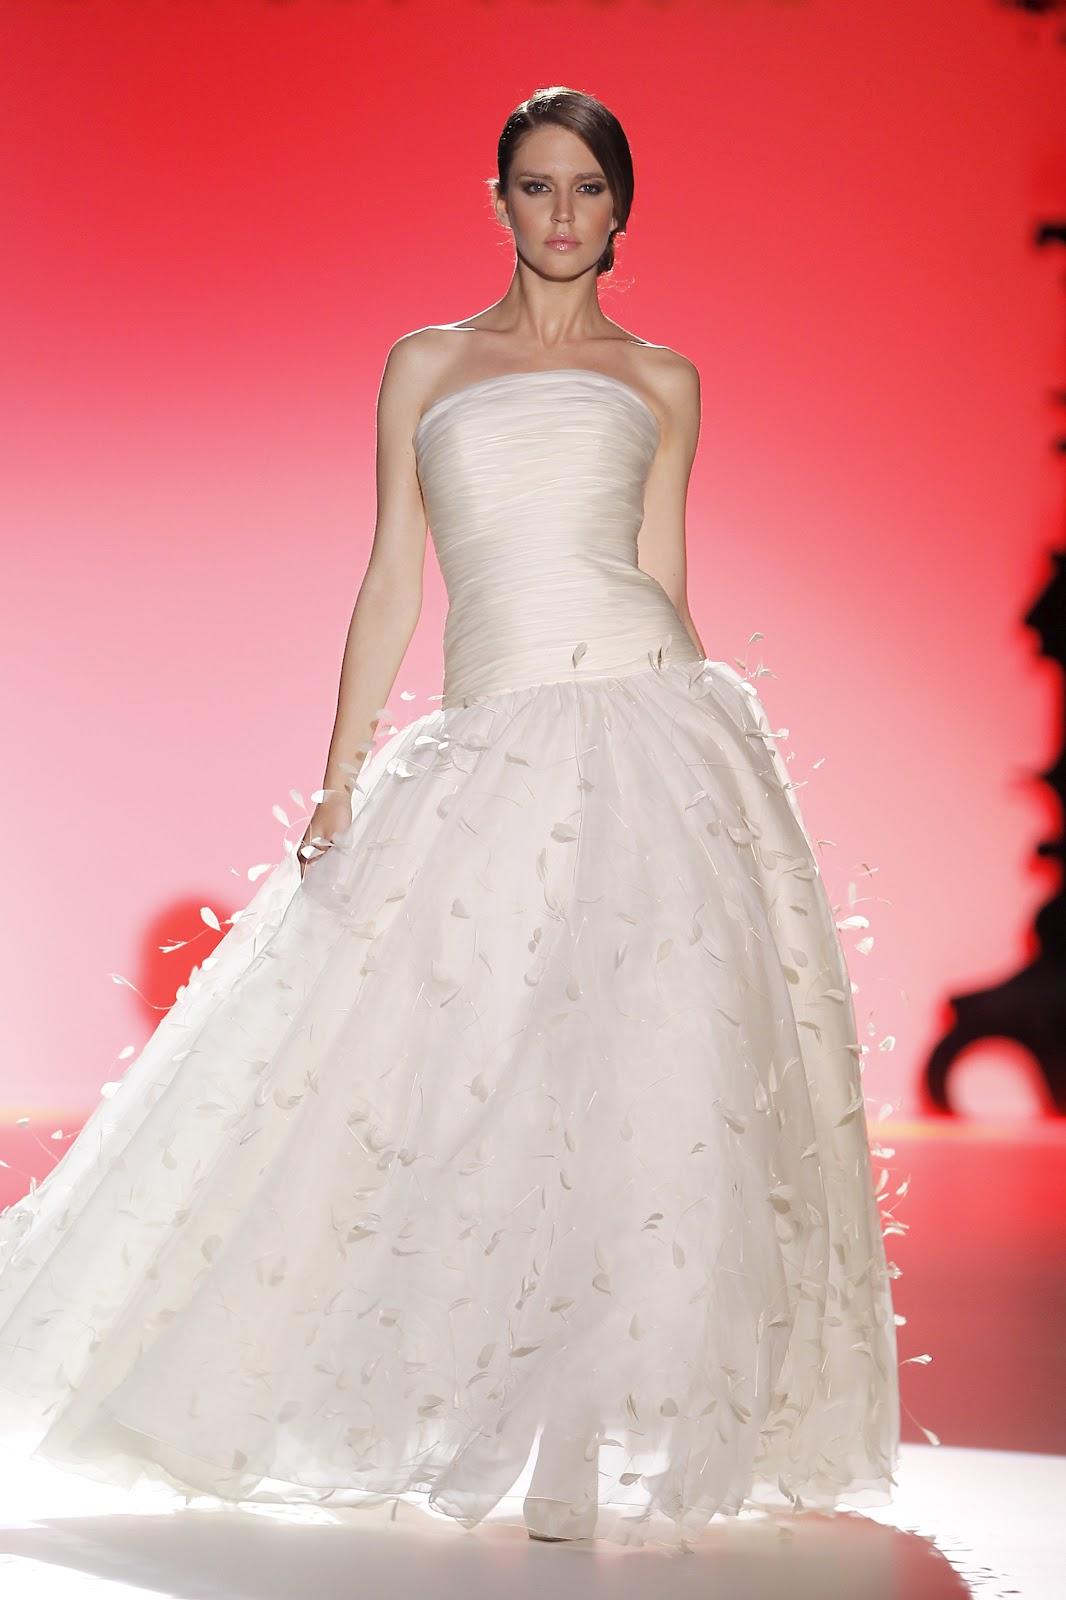 Excepcional Vestido Novia Victorio Y Lucchino Ideas Ornamento ...